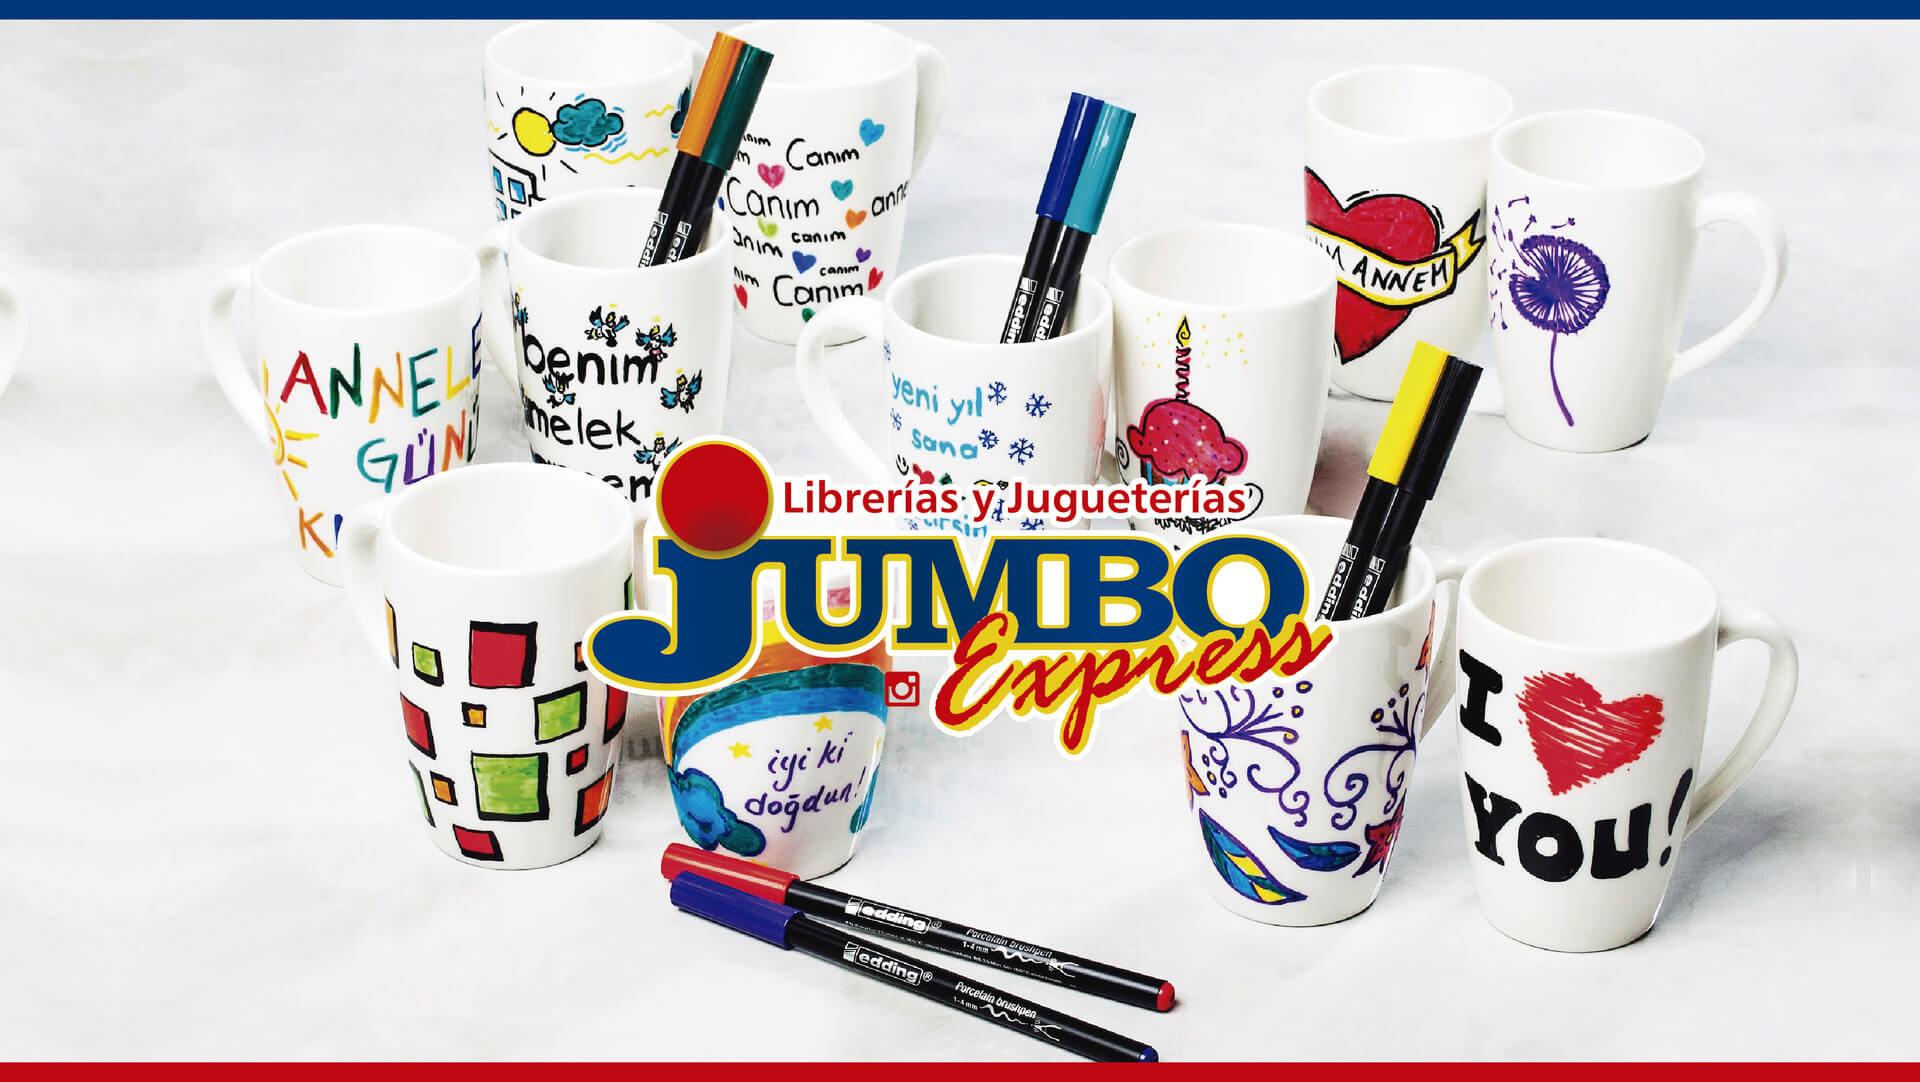 jumboslide-04